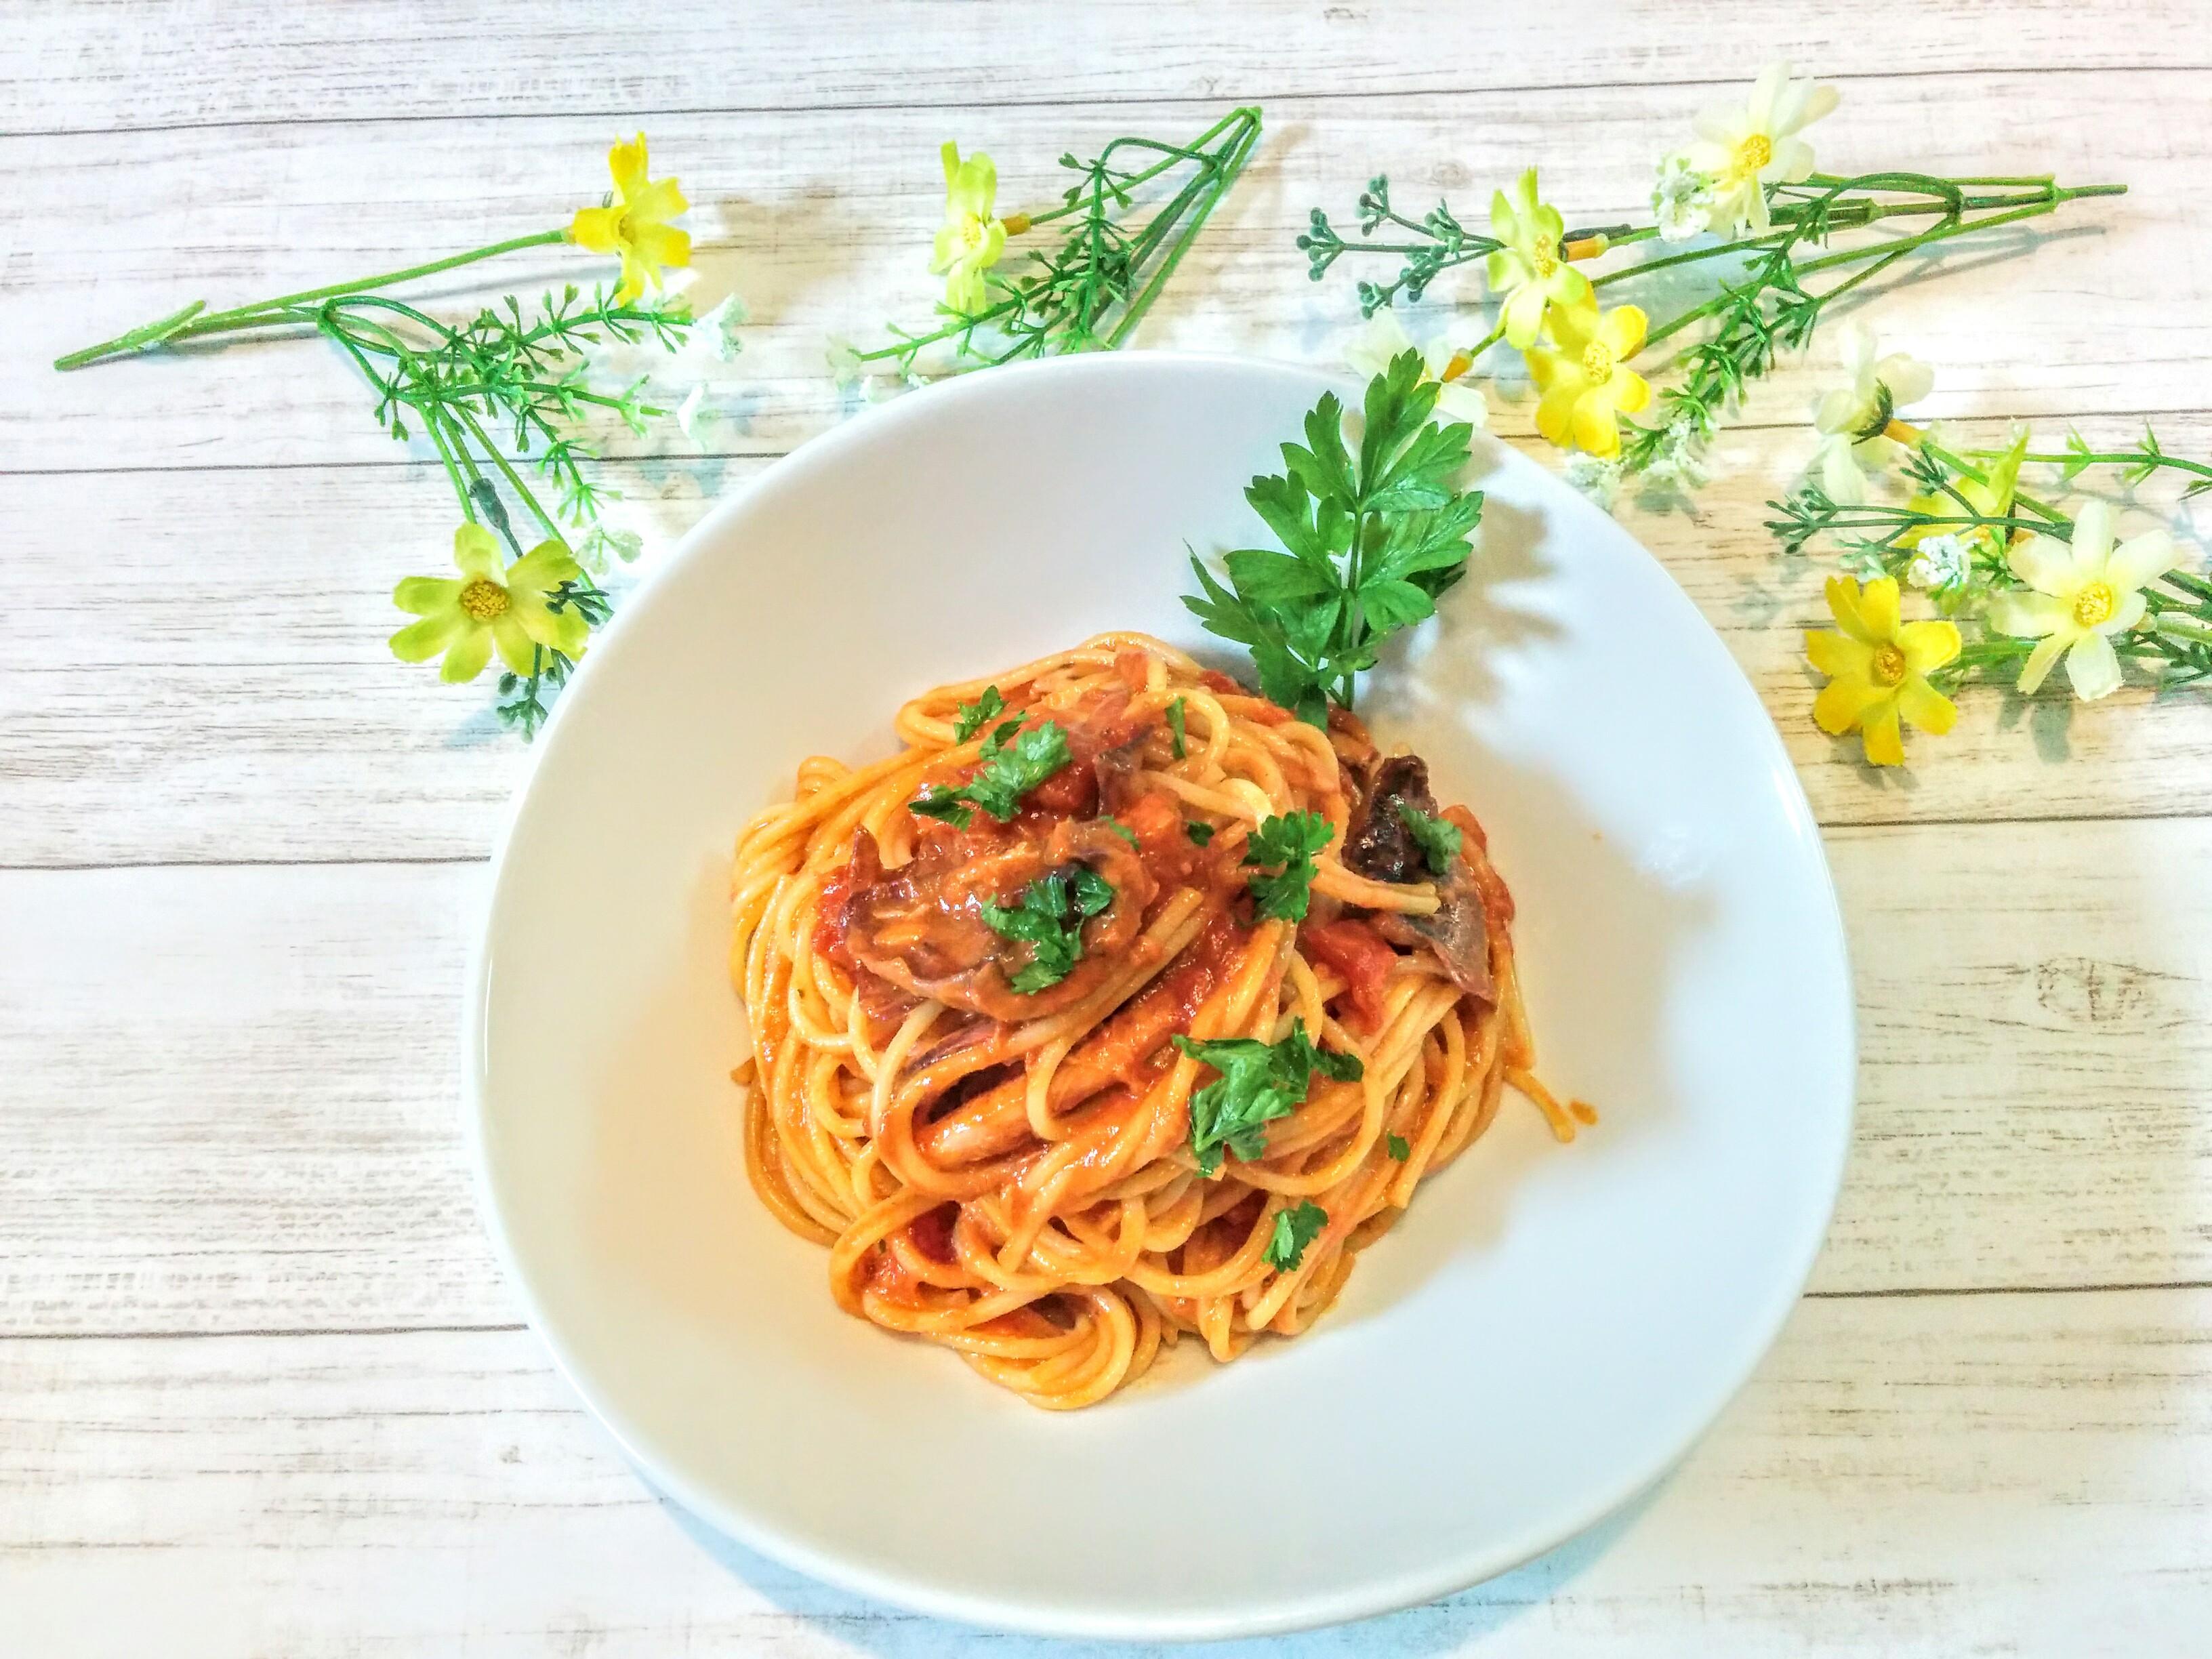 【小樽】お家御飯・ツナとトマトのクリームスパゲッティグルメ案内です。